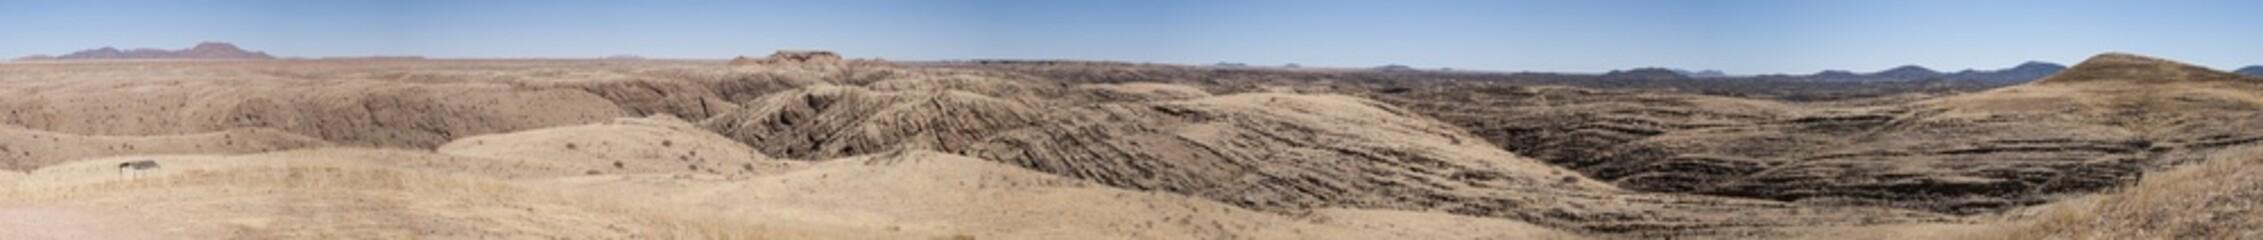 Kuiseb-Canyon, Namib-Naukluft Nationalpark, Namibia, Afrika